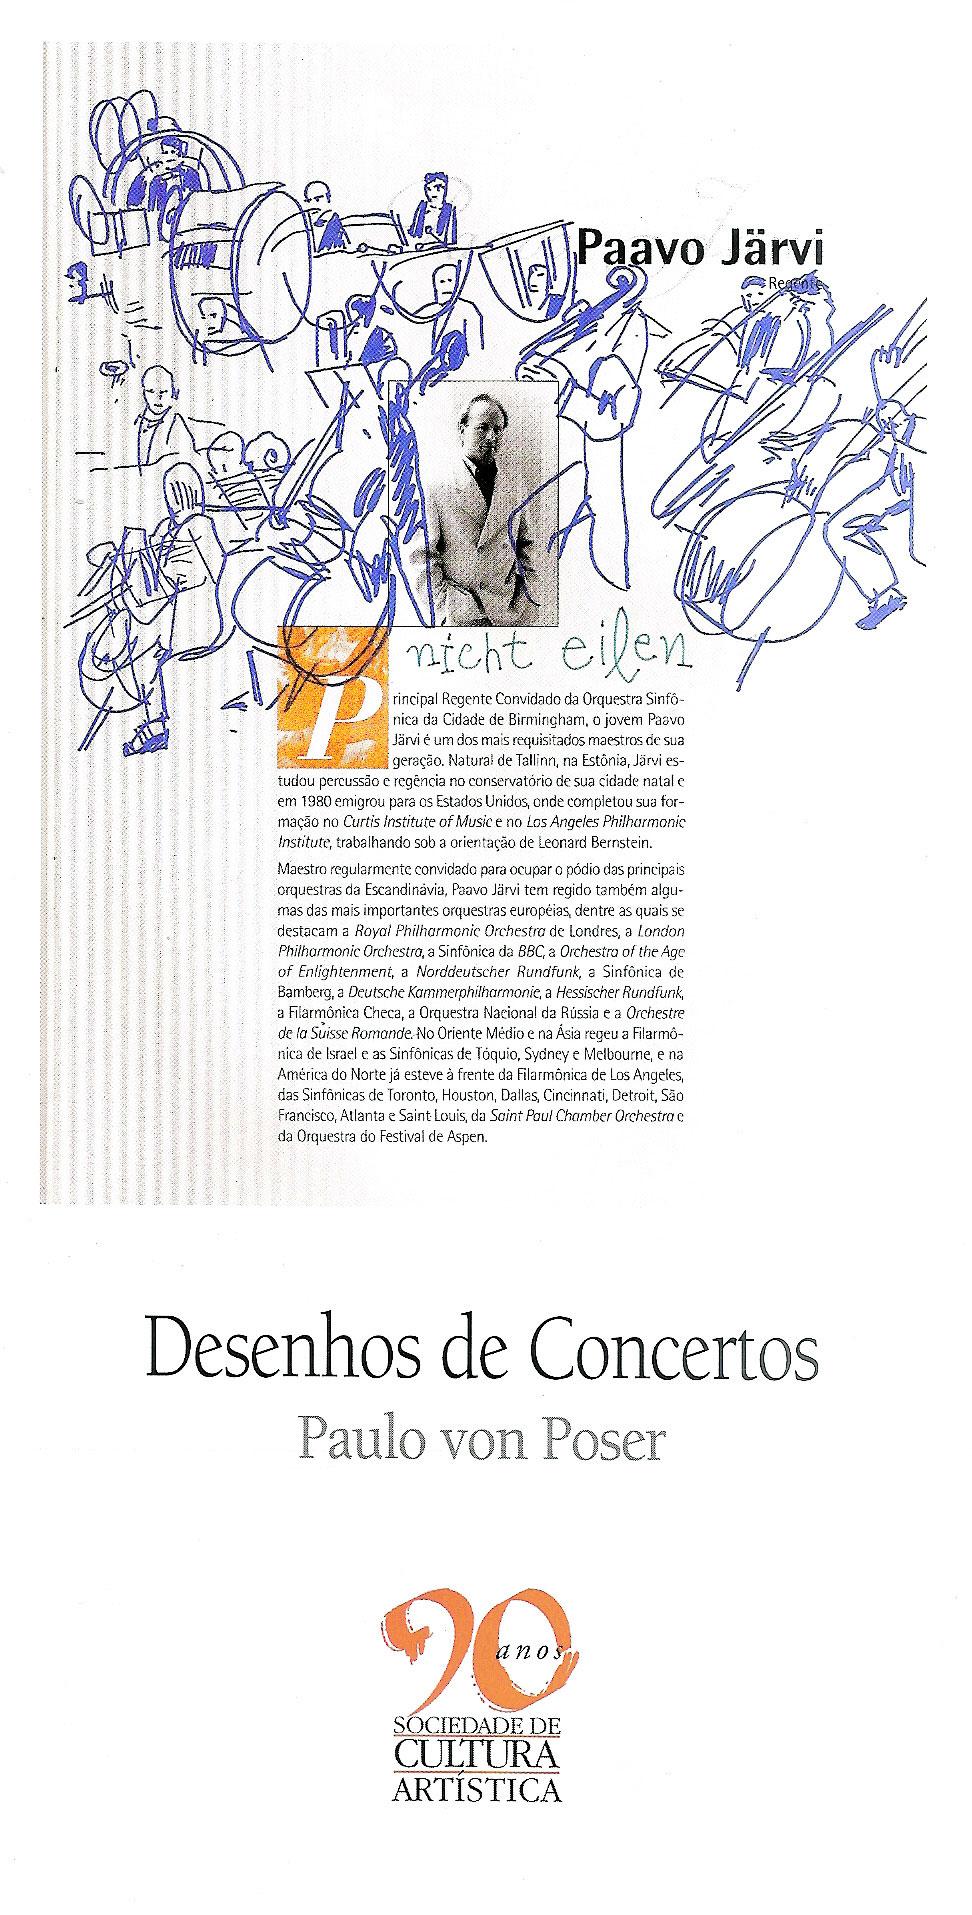 CONCERTOS 2002 (5)